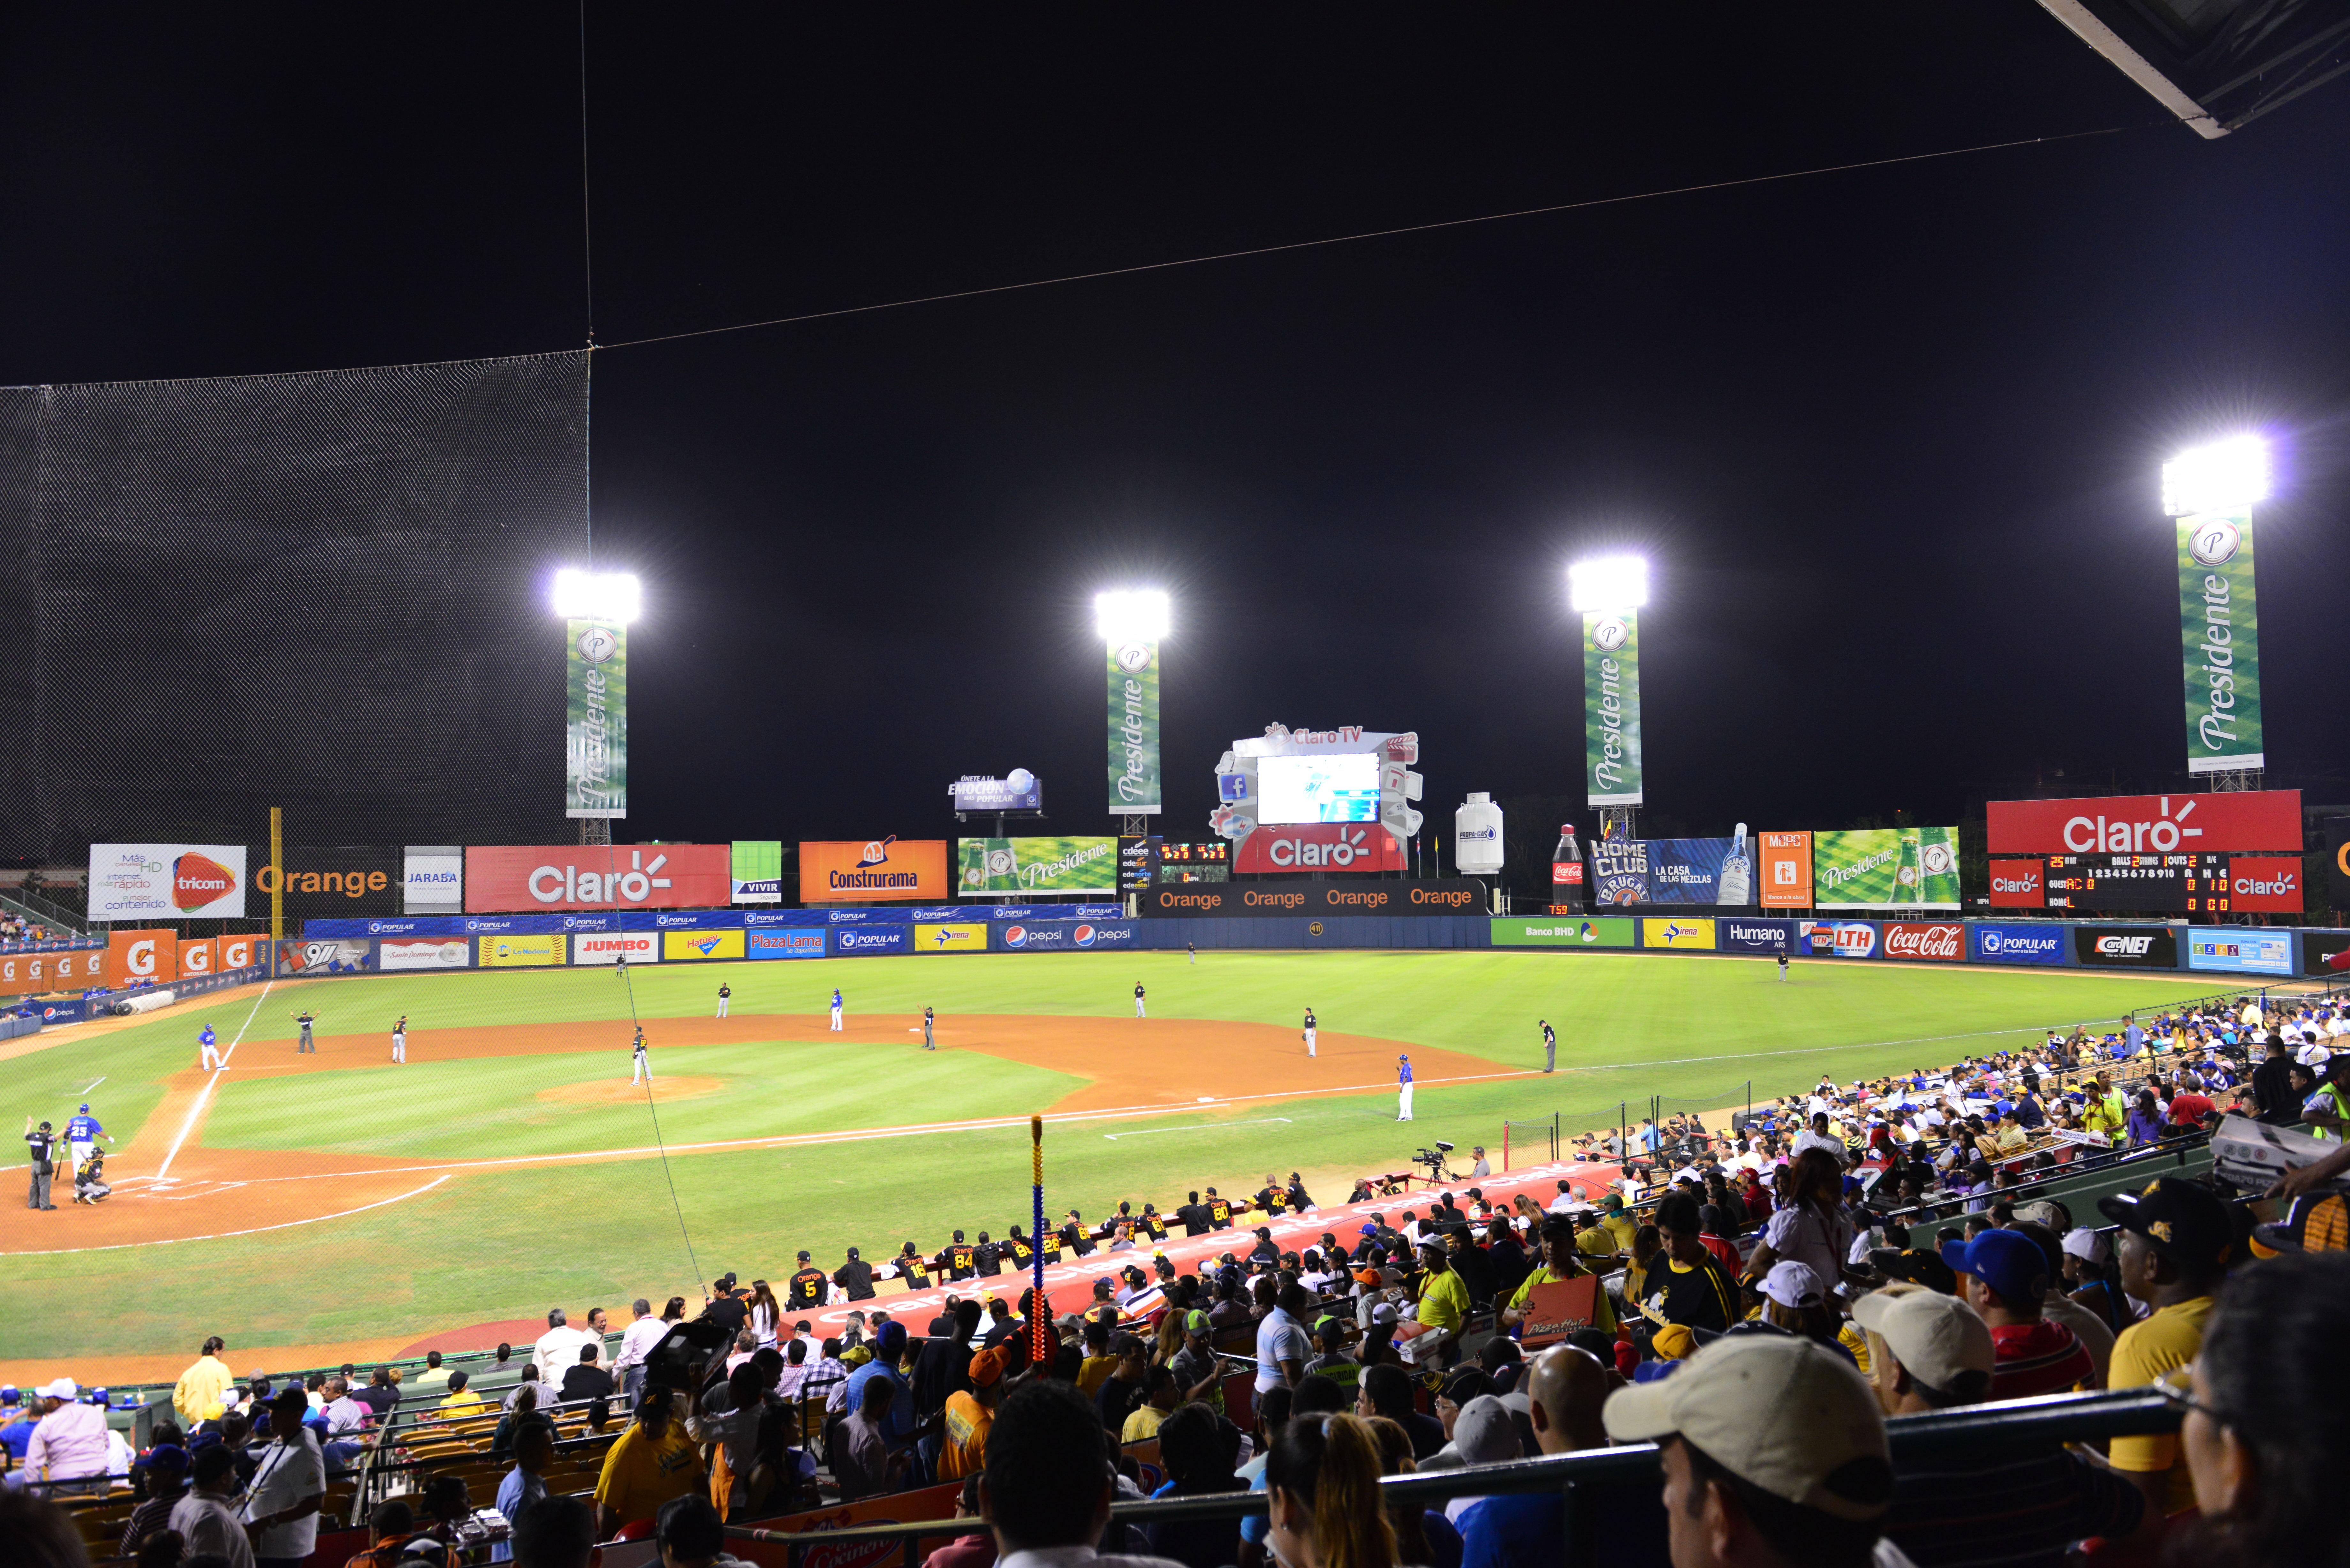 La semifinal béisbol inicia mañana con el Escogido como favorito